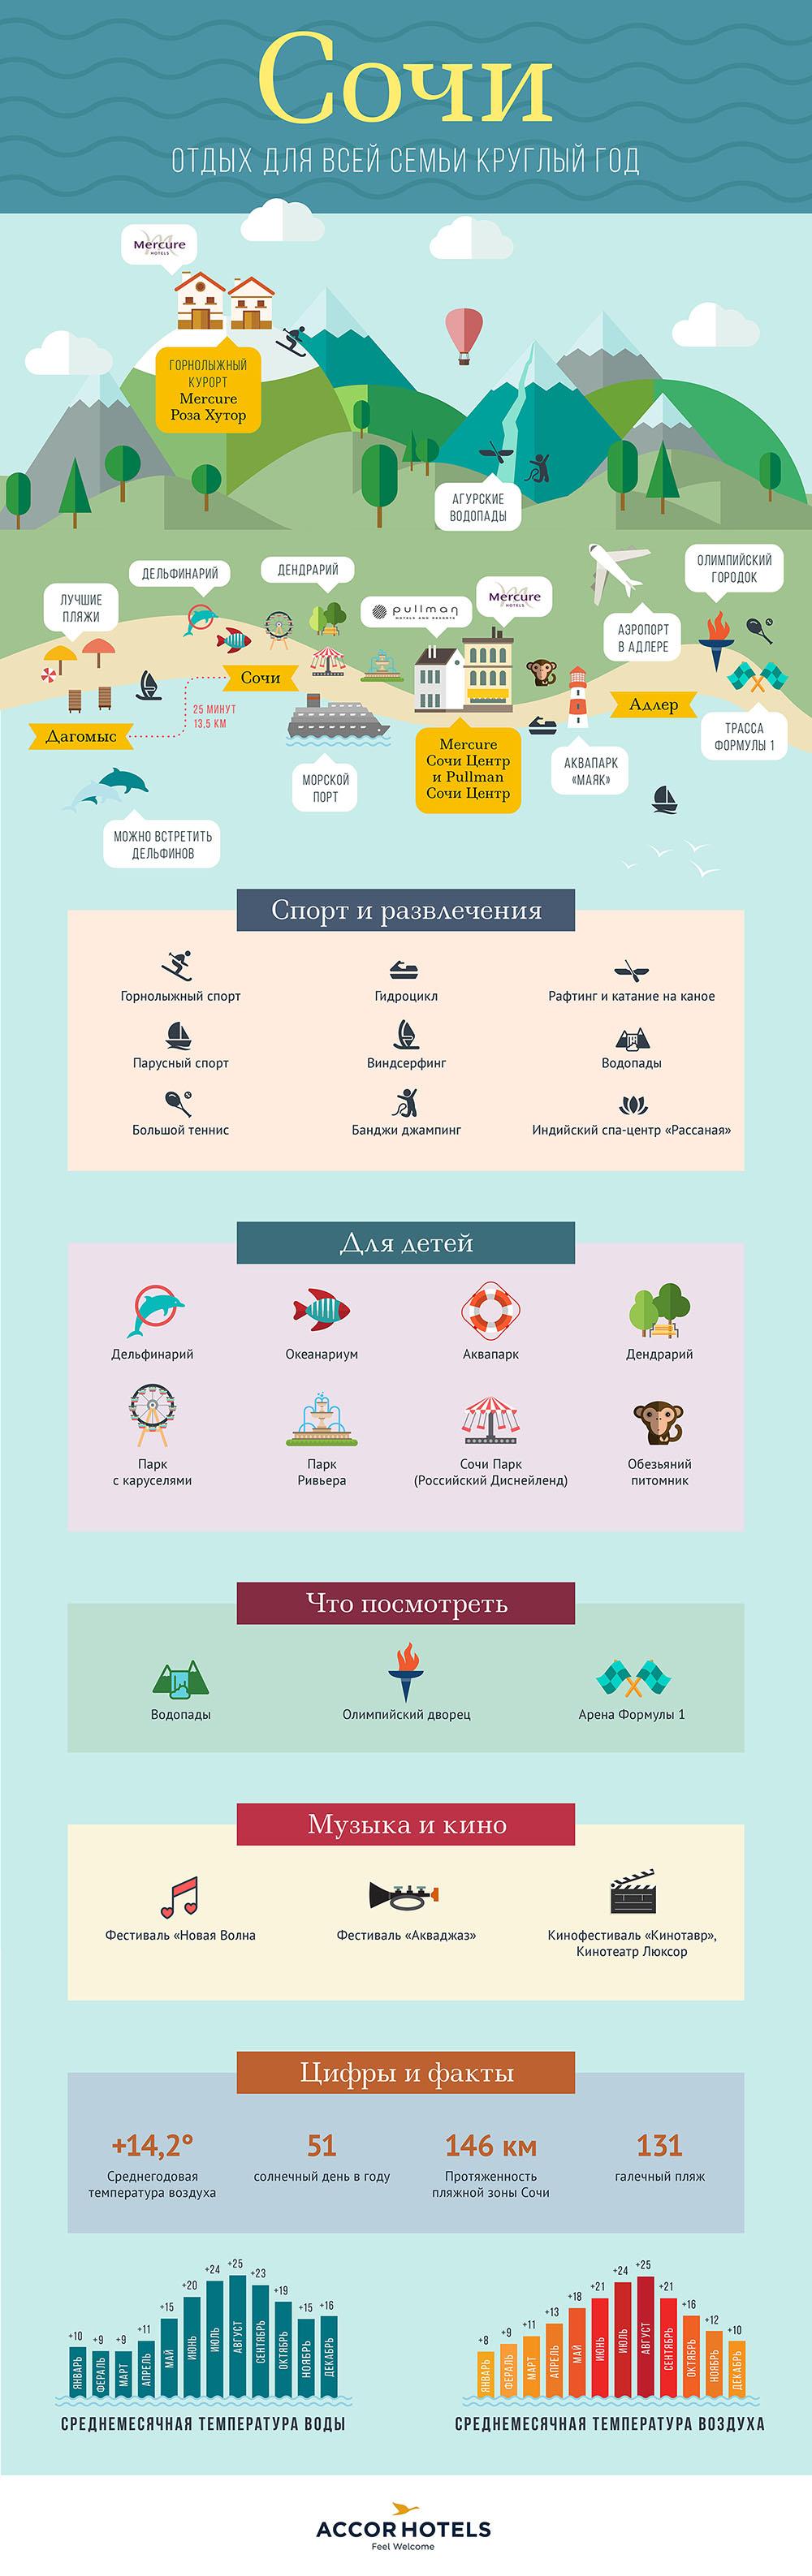 Инфографика Сочи - AccorHotels.com